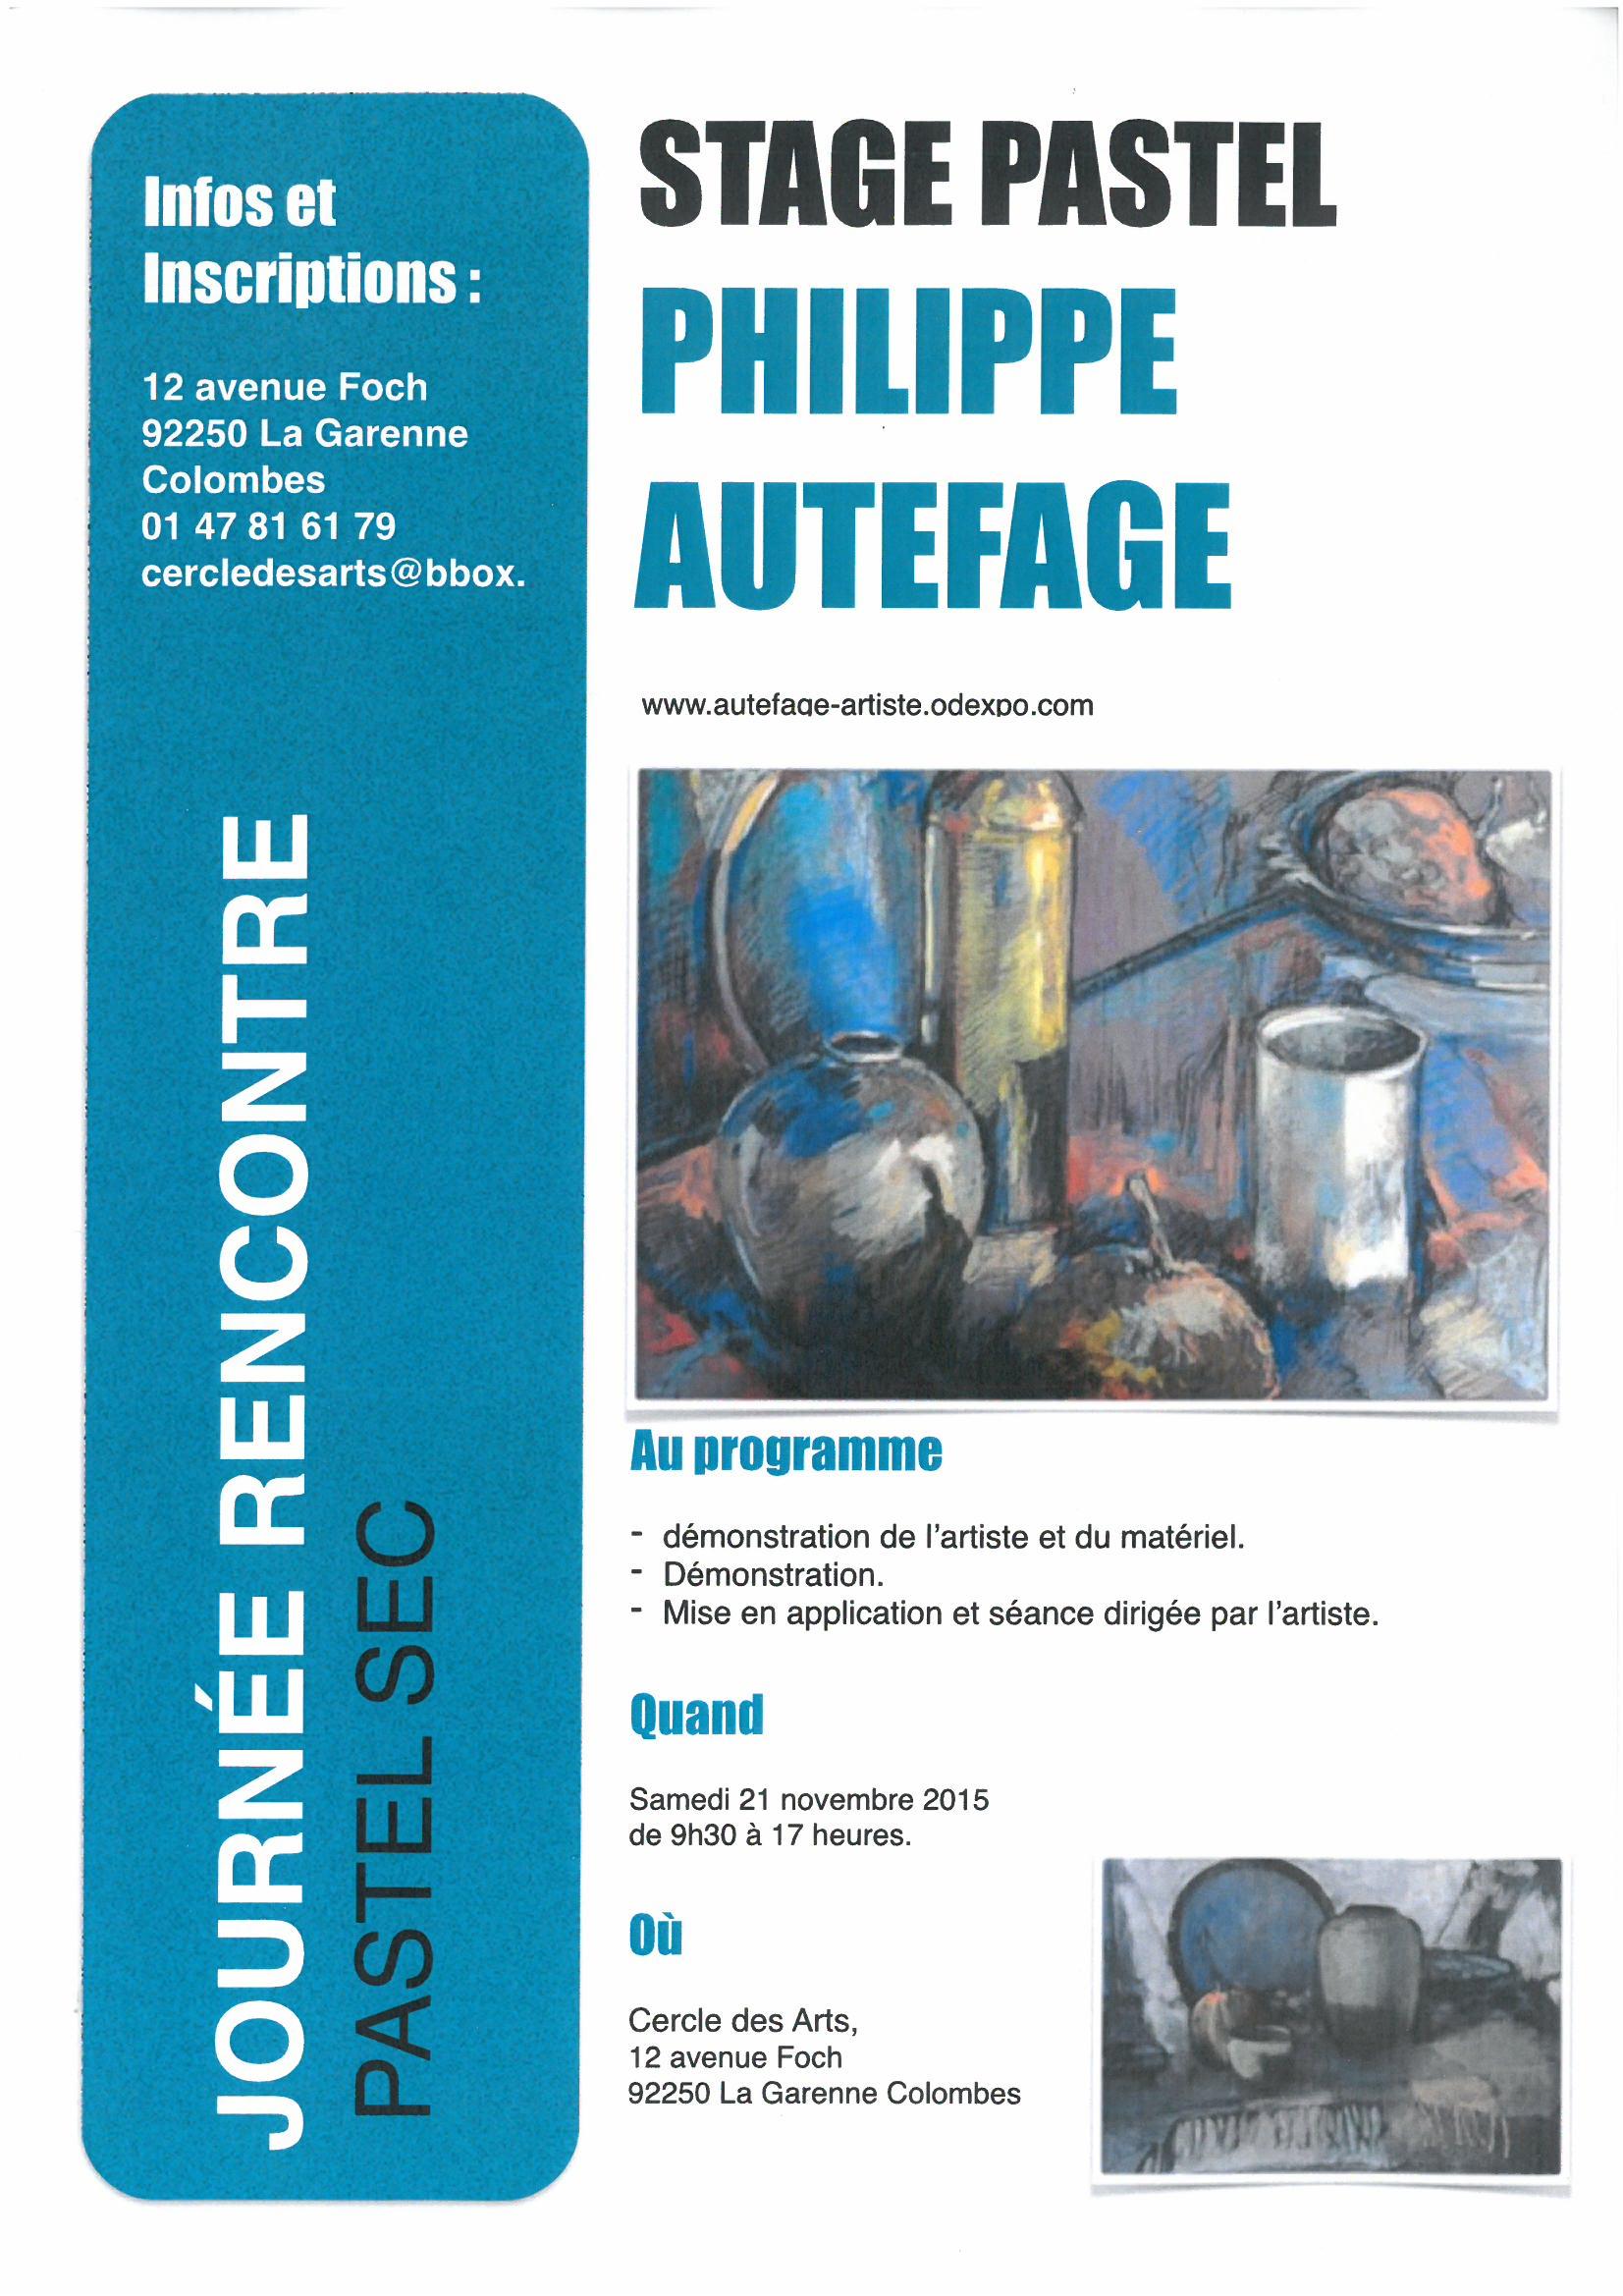 Stage Pastel SEC, rencontre de l'artiste Philippe AUTEFAGE